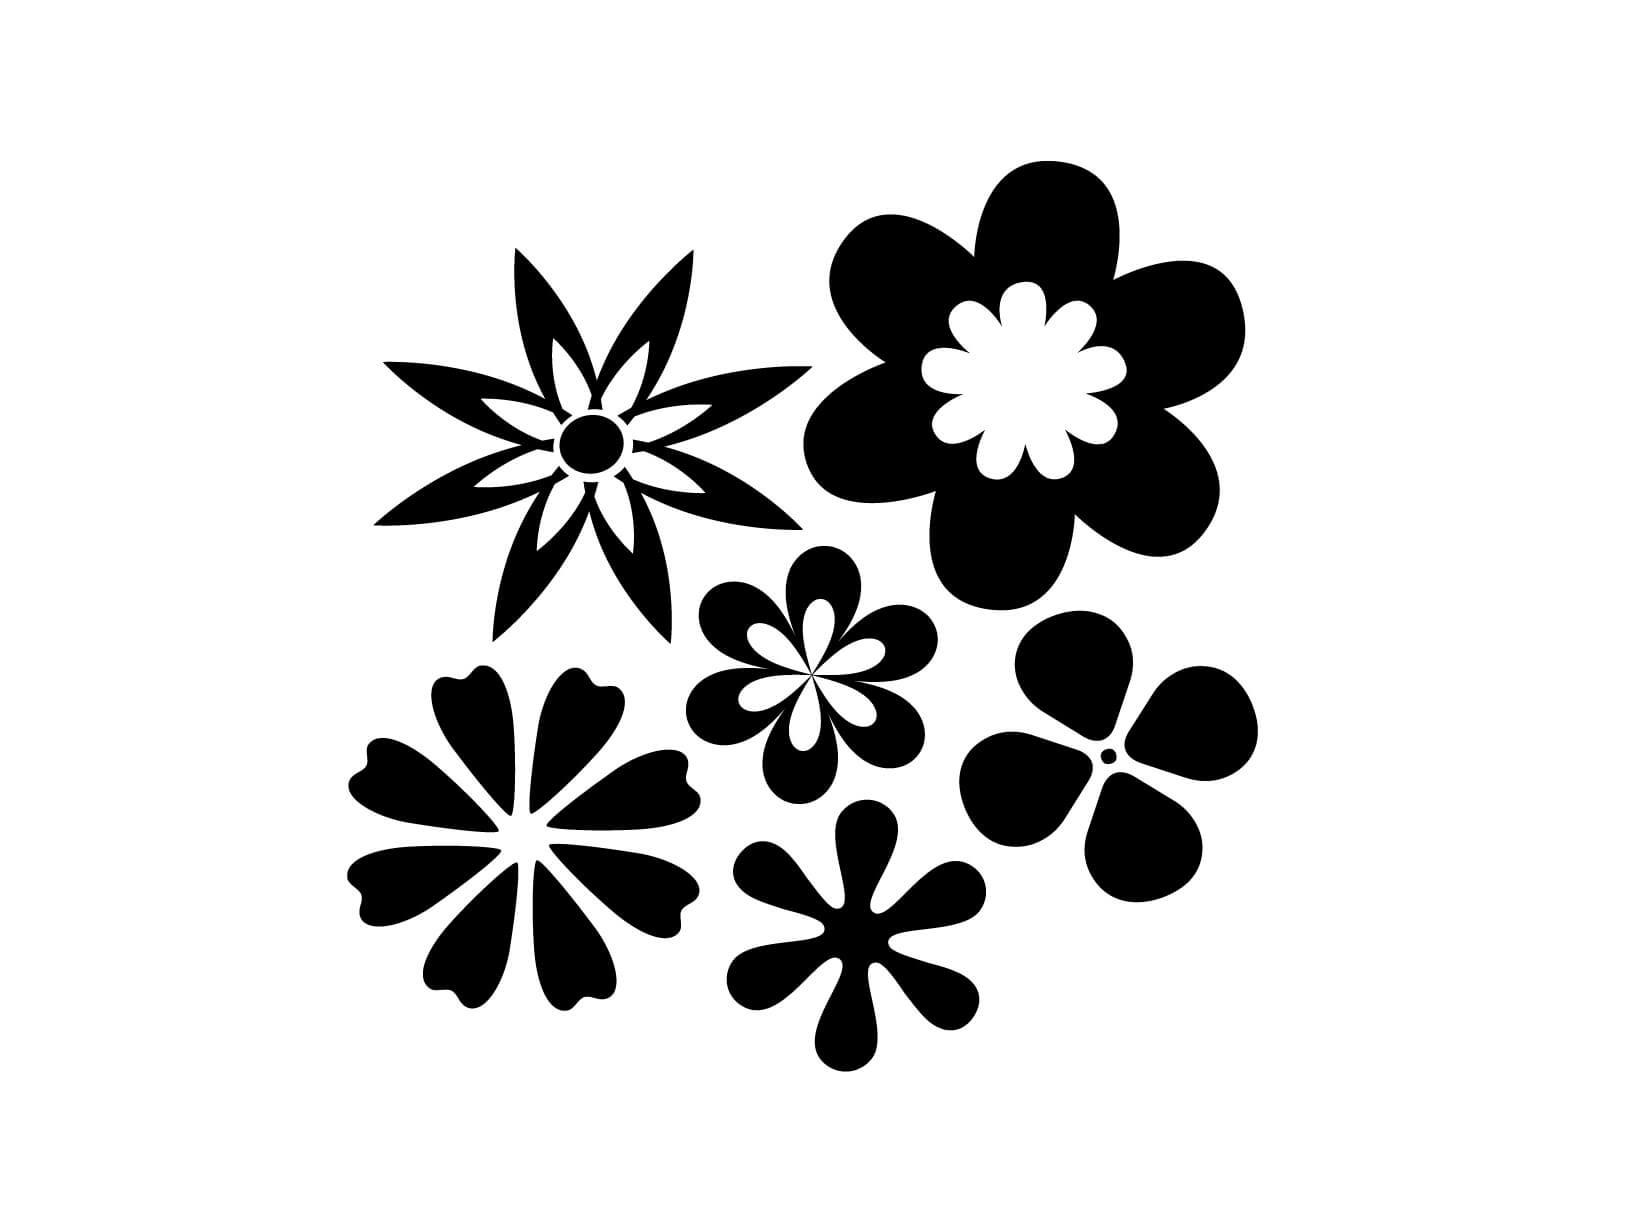 Muurstickers Slaapkamer Bloemen : Muursticker bloemen - Kinderkamer ...